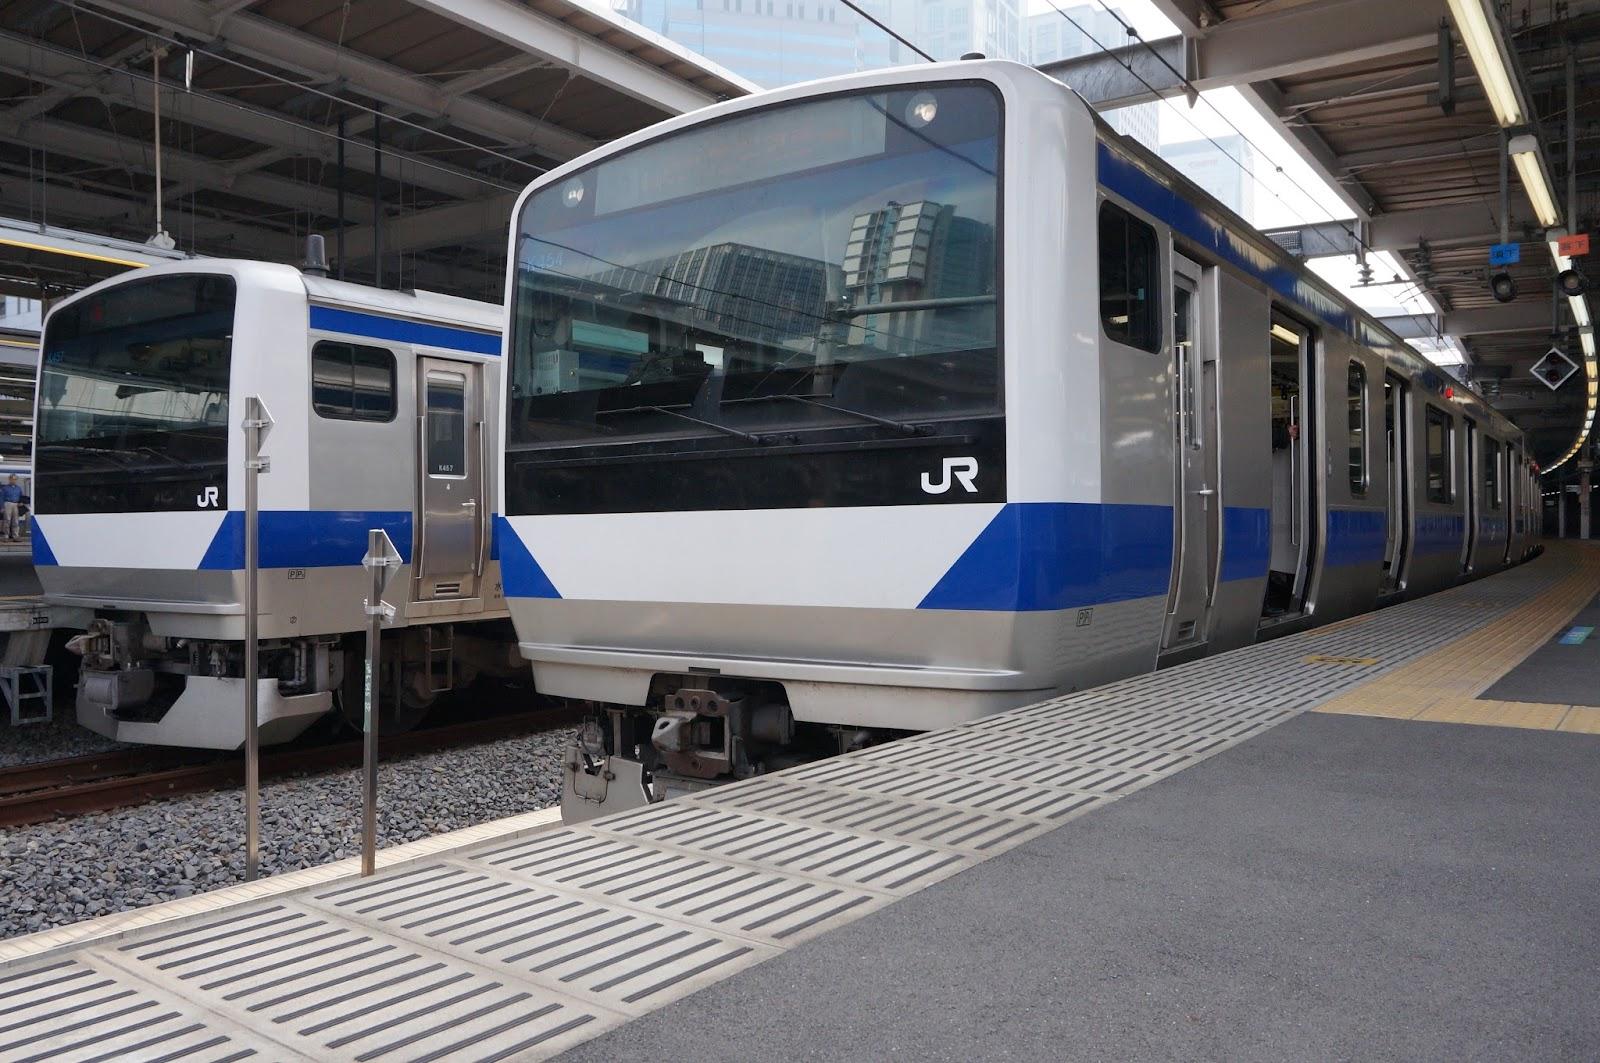 品川駅停車中の上野東京ラインE531系